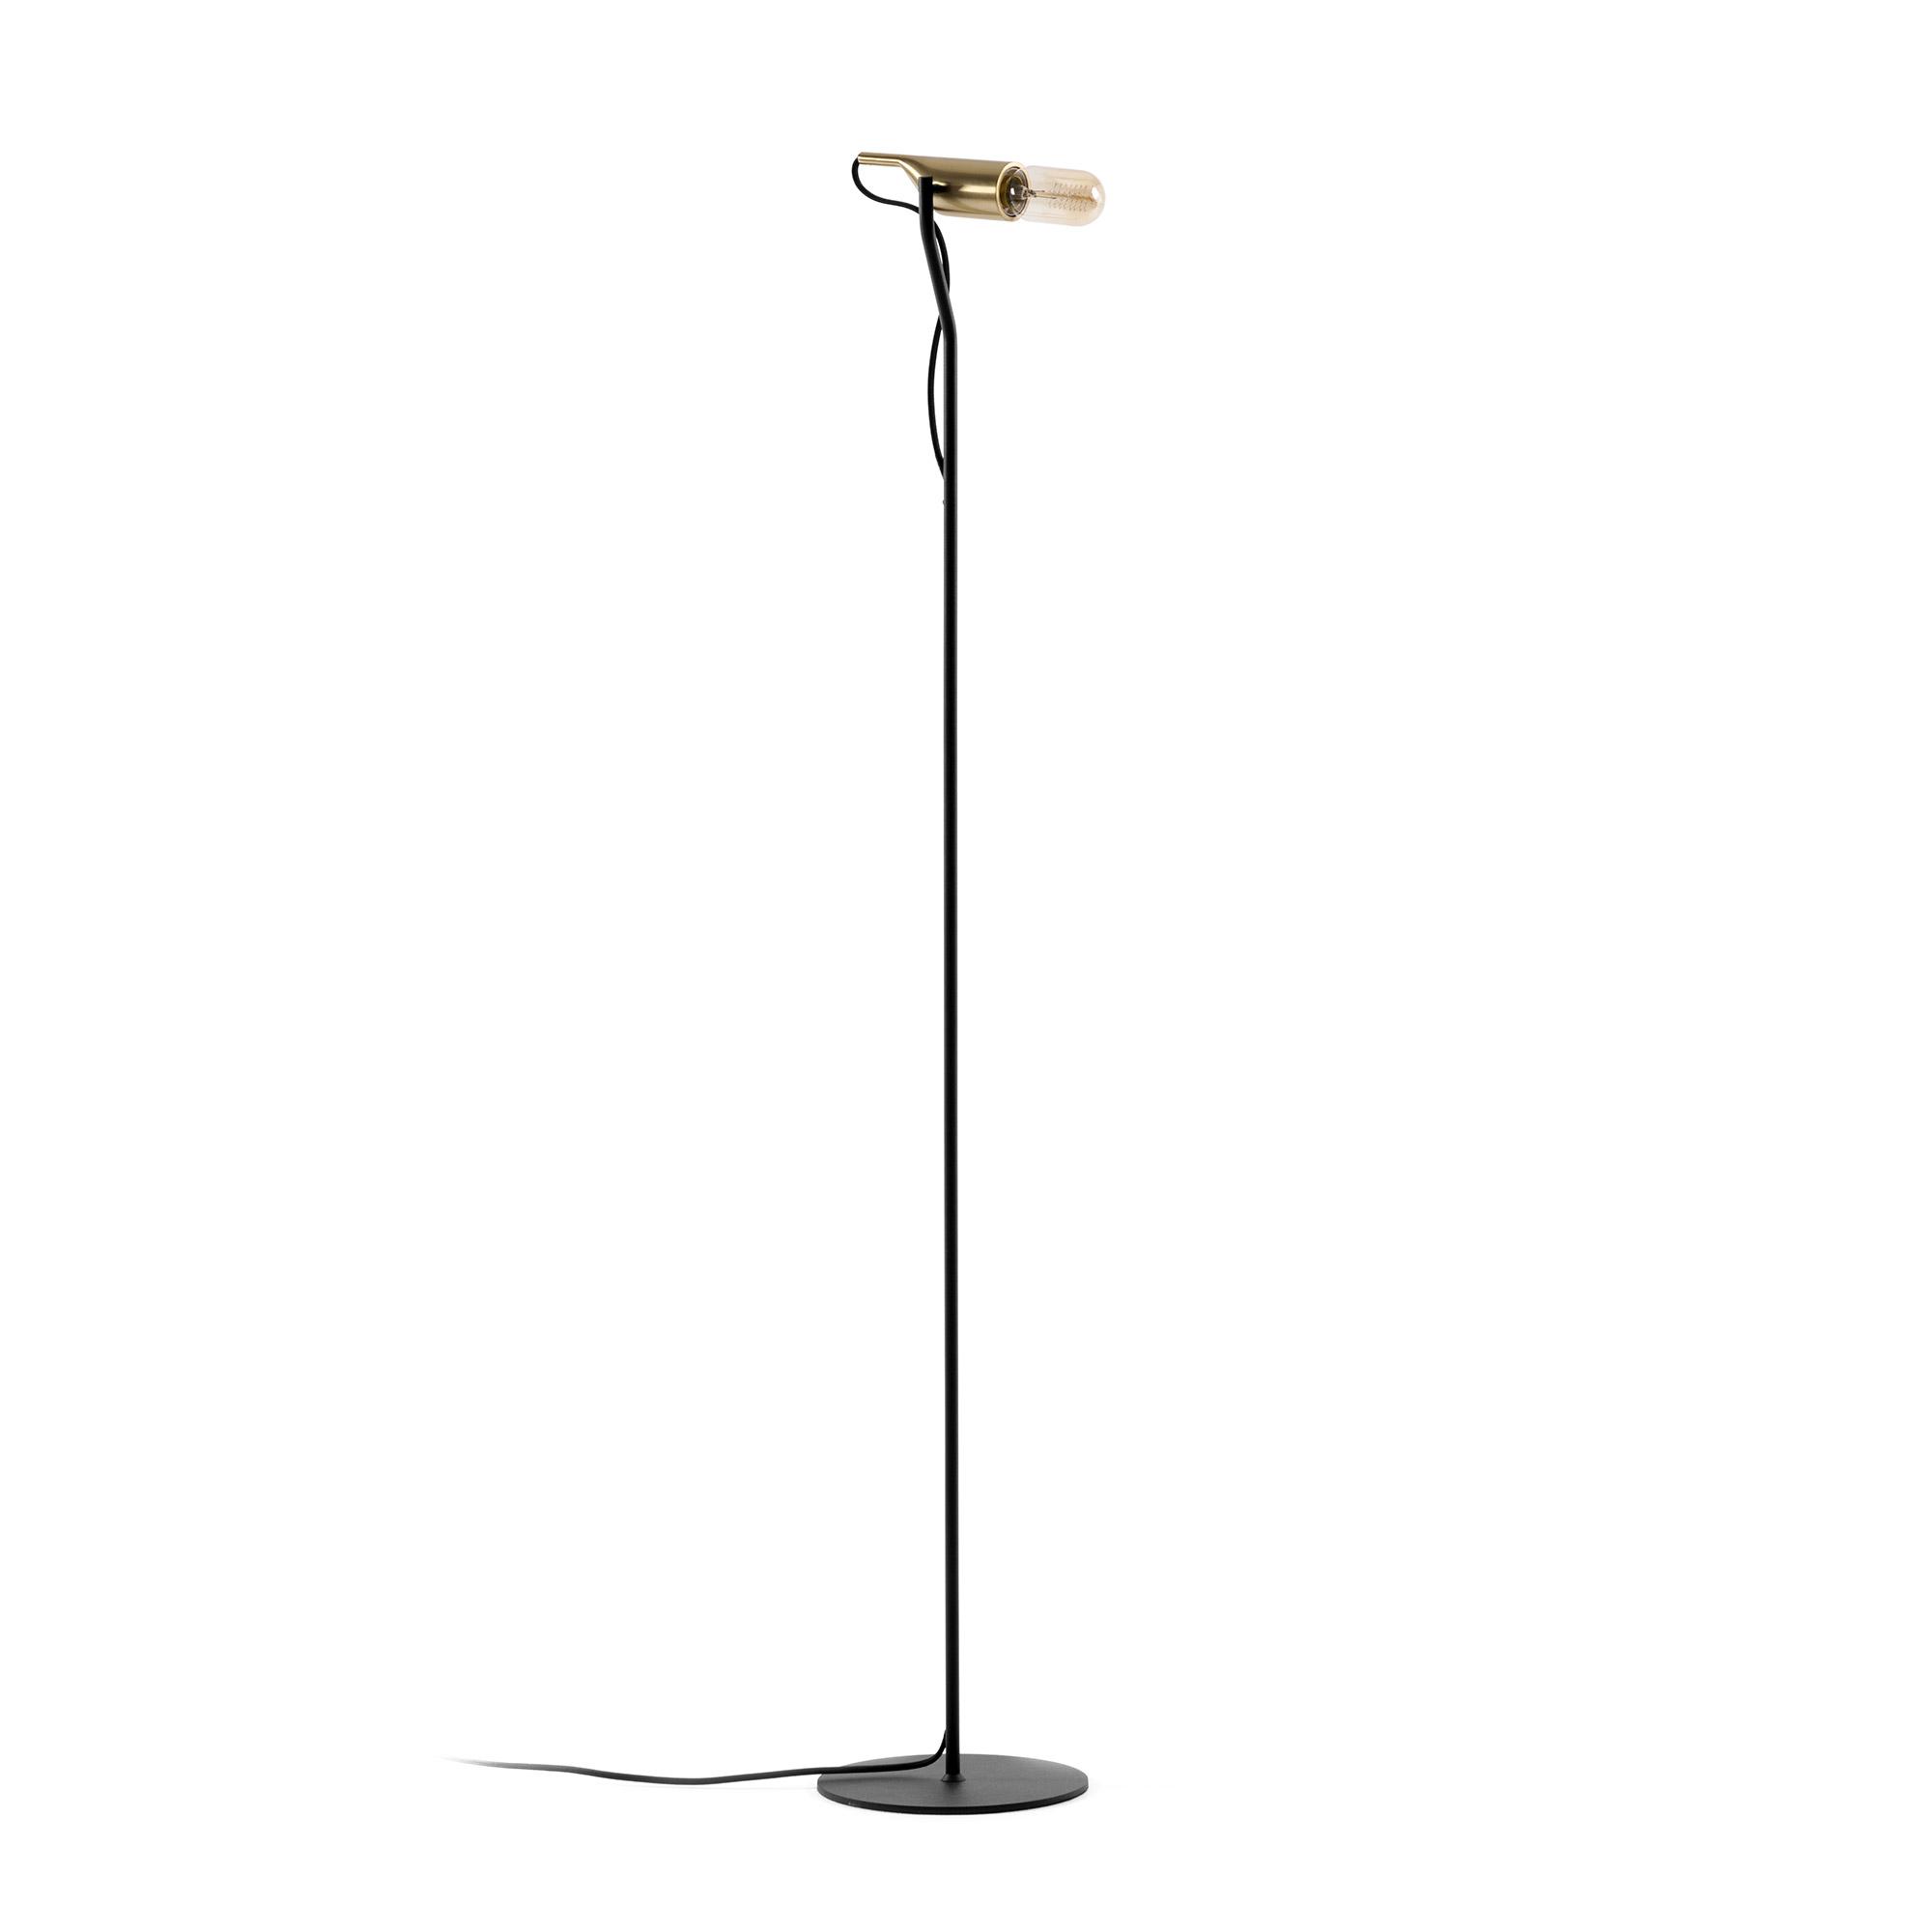 Kave Home - Cinthya Stehlampe | Lampen > Stehlampen > Standleuchten | Kave Home